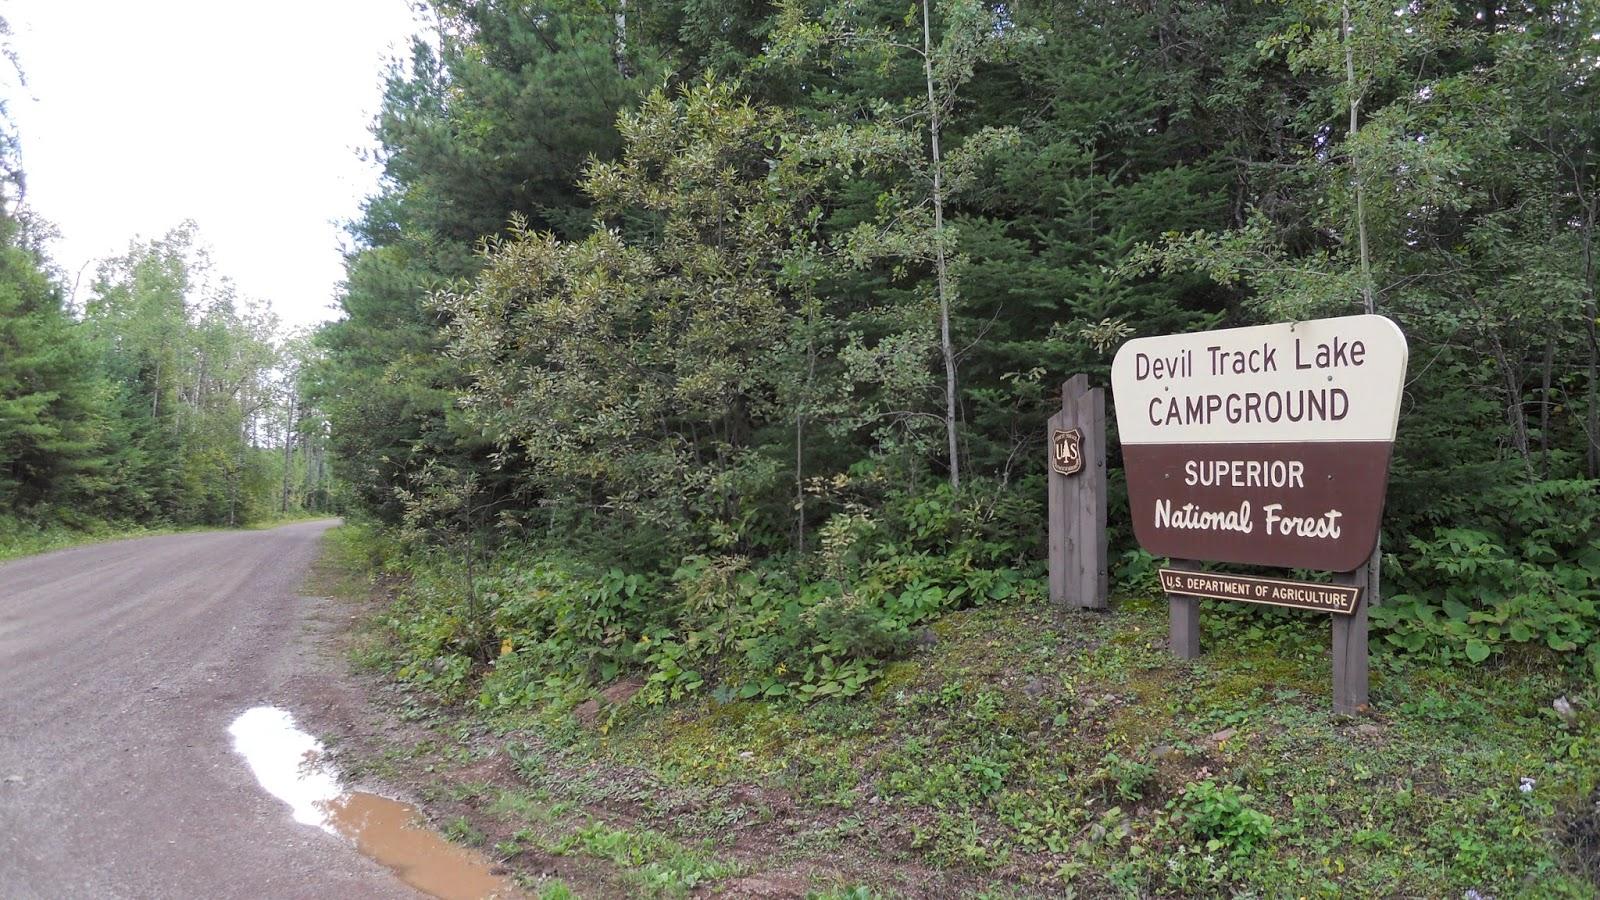 National Forest Camper: Devil Track Lake Campground